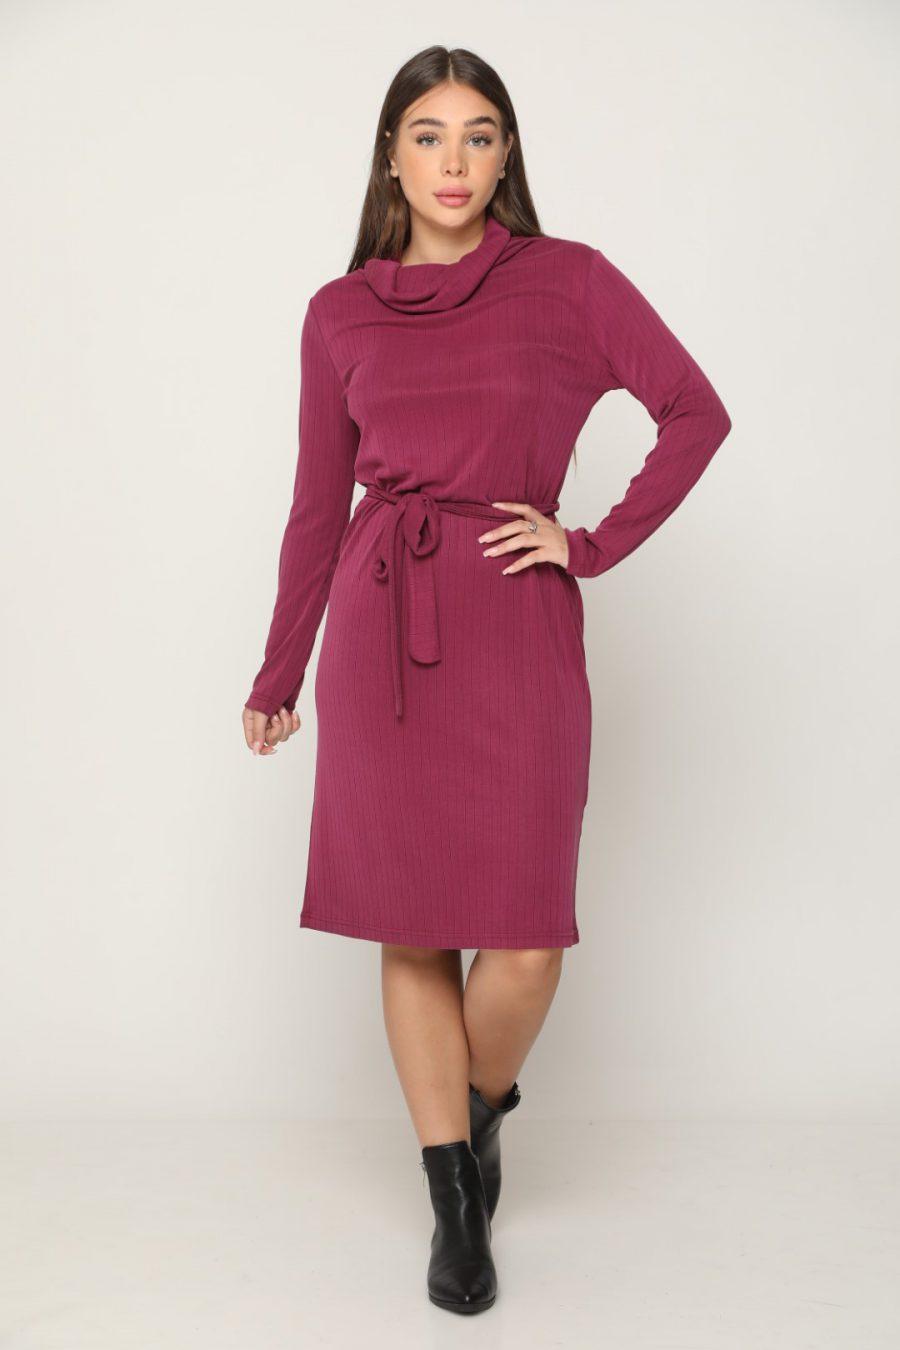 שמלה אמסטרדם סגול